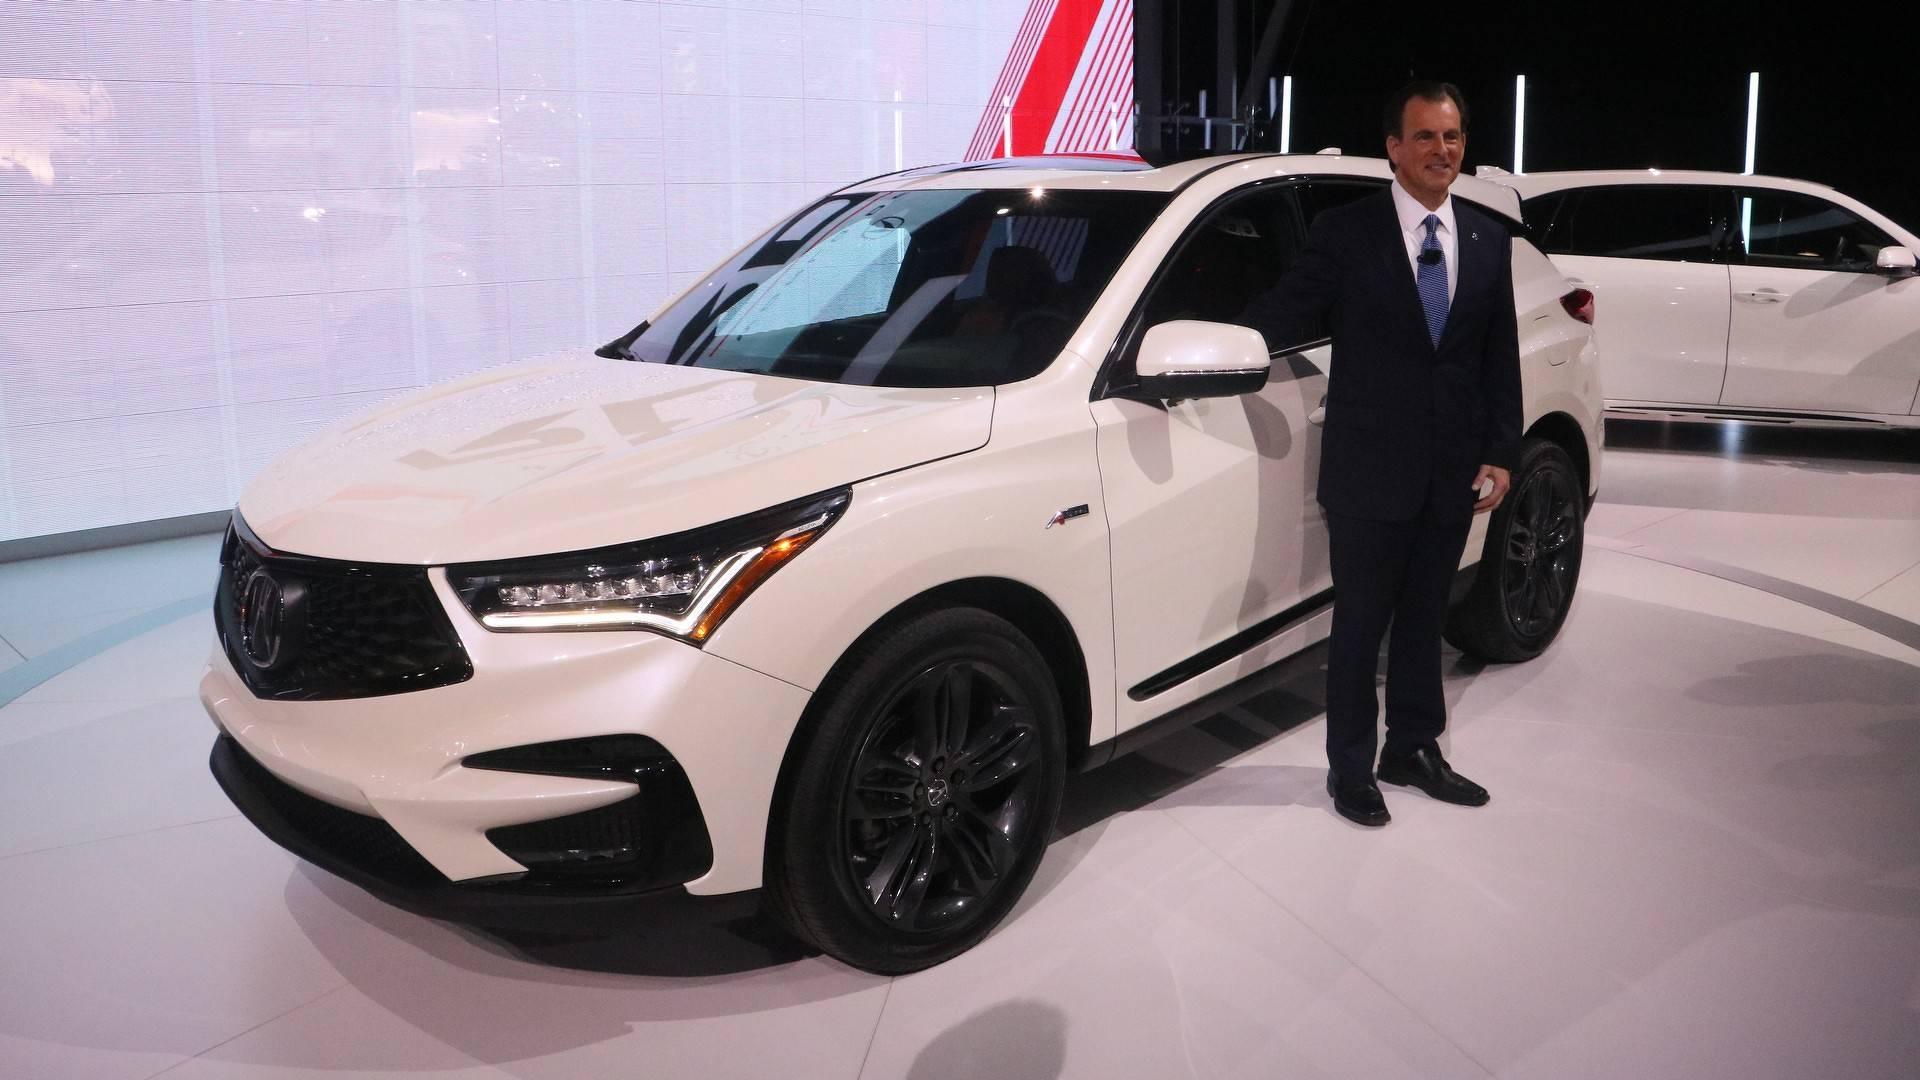 33 New 2020 Acura Mdx Ny Auto Show Price by 2020 Acura Mdx Ny Auto Show